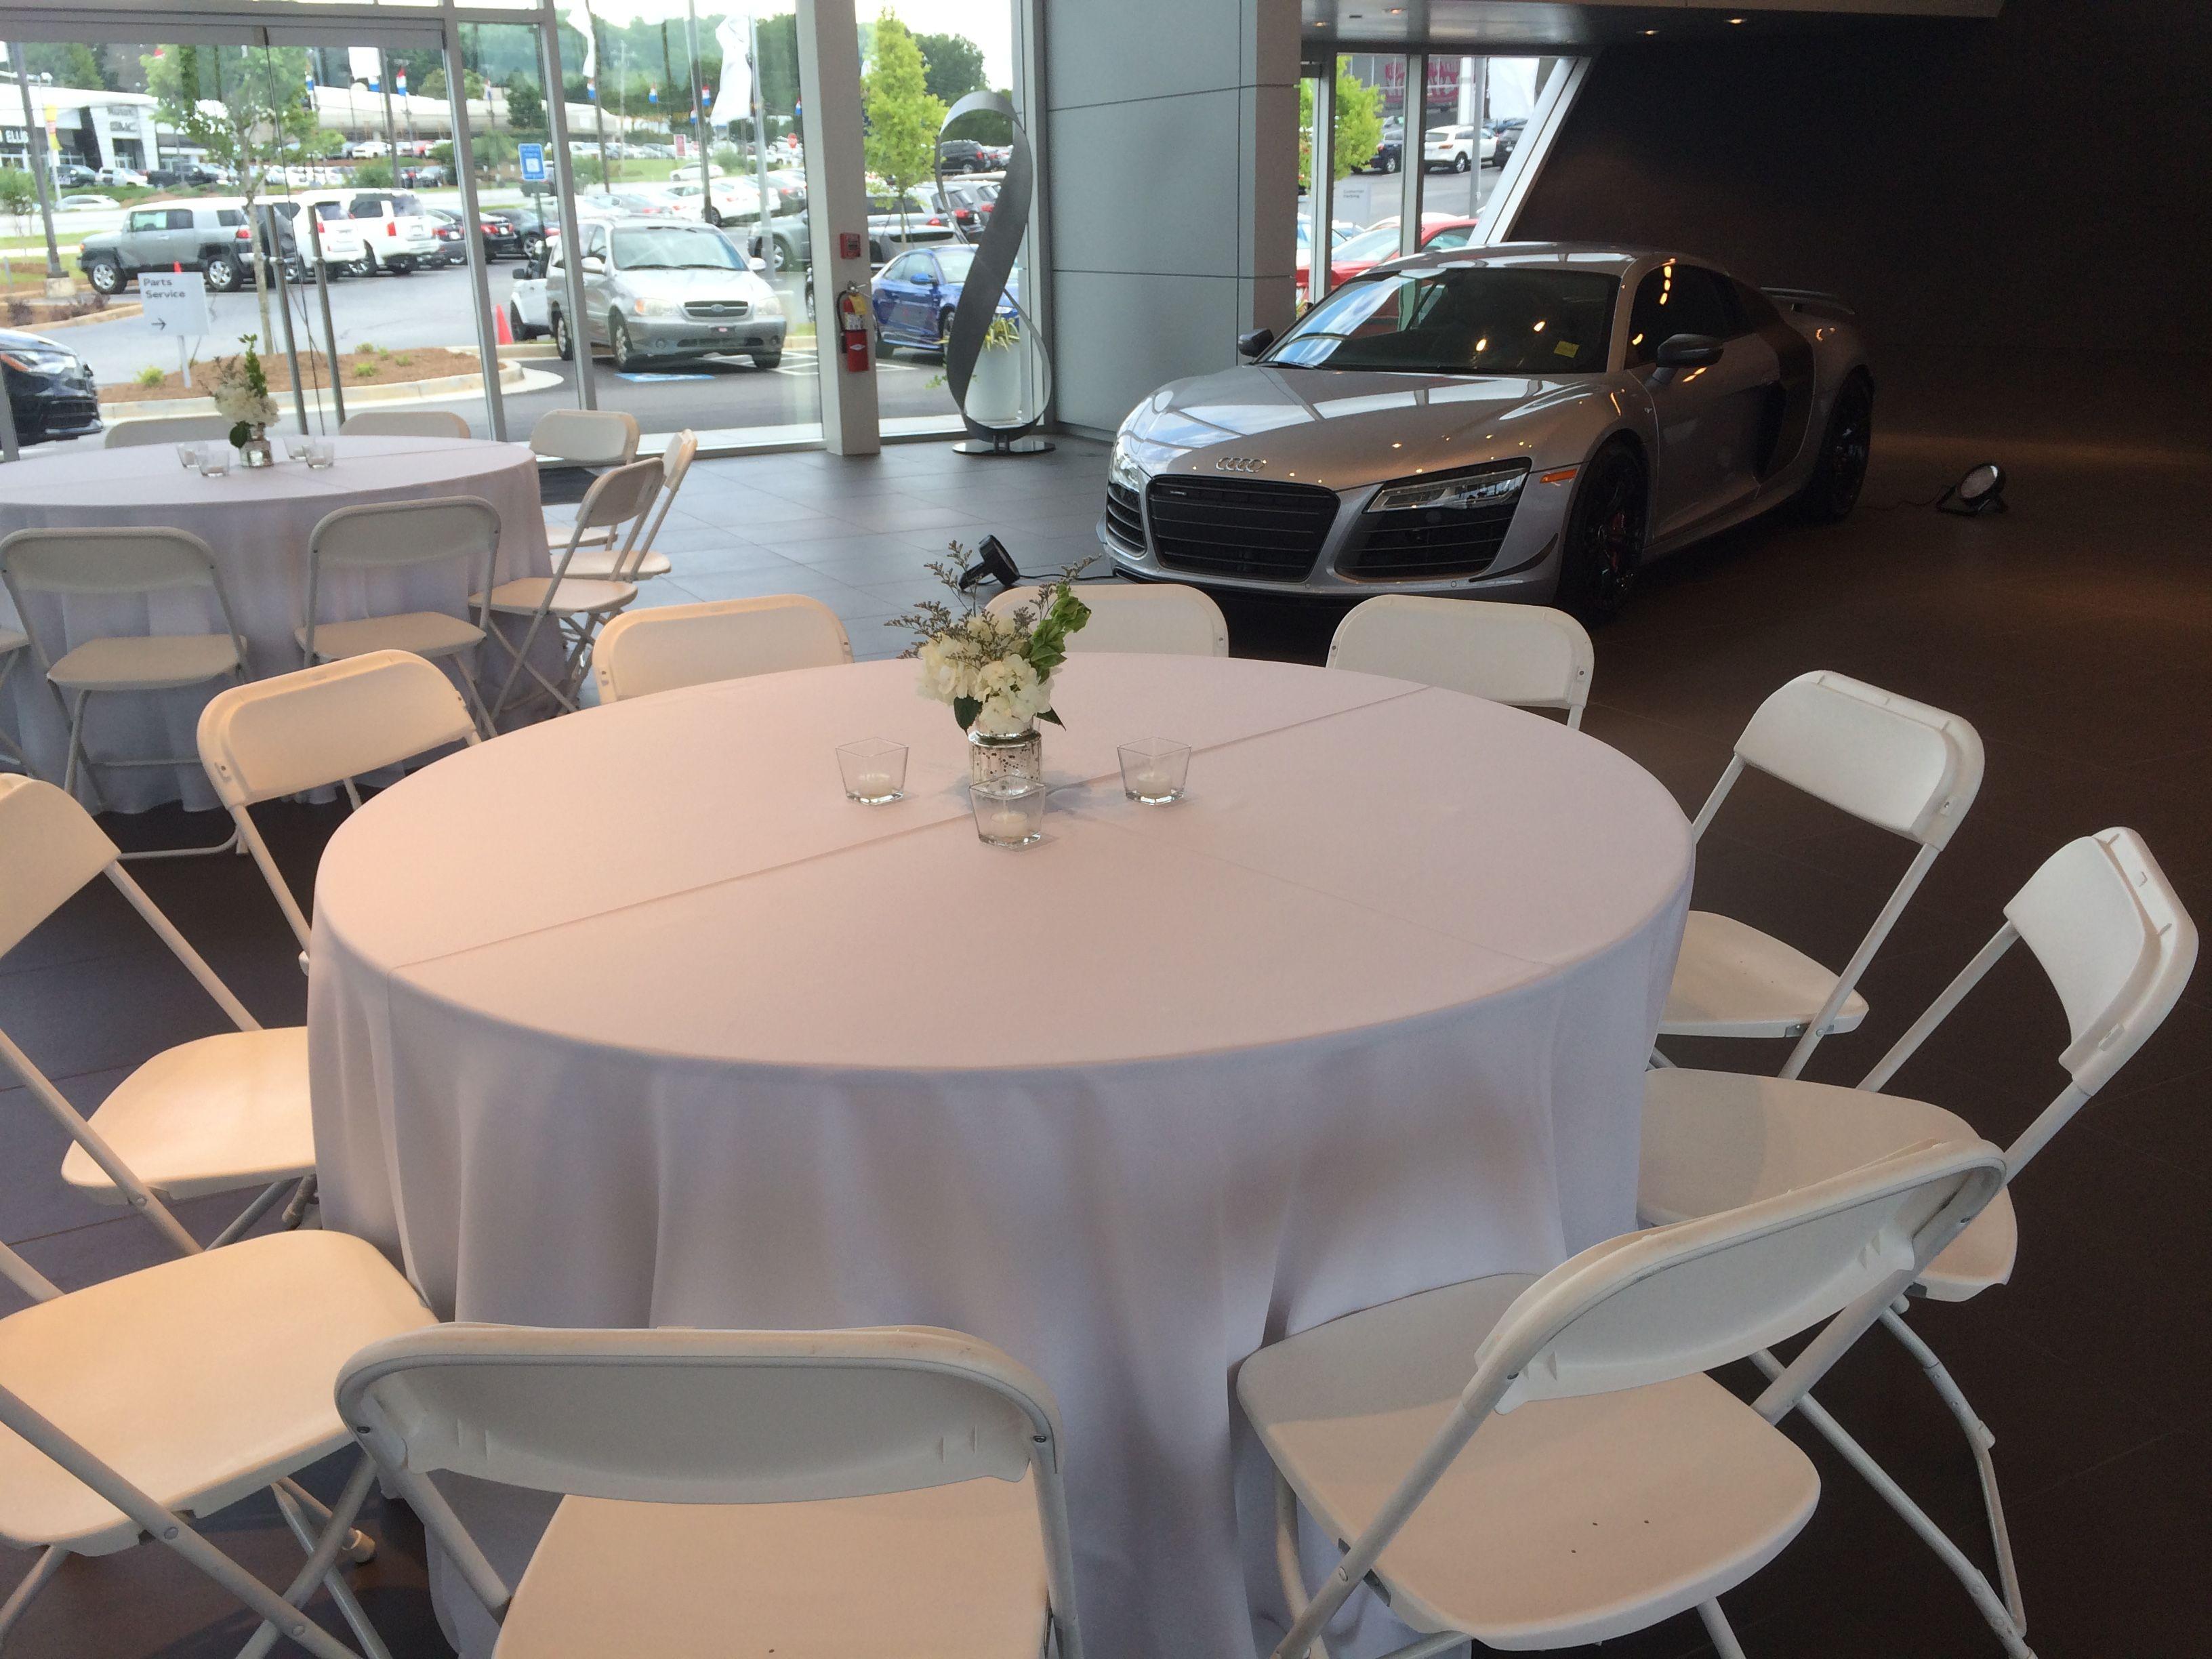 White Hercules Chairs And Round Tables At The Jim Ellis Audi - Jim ellis audi atlanta